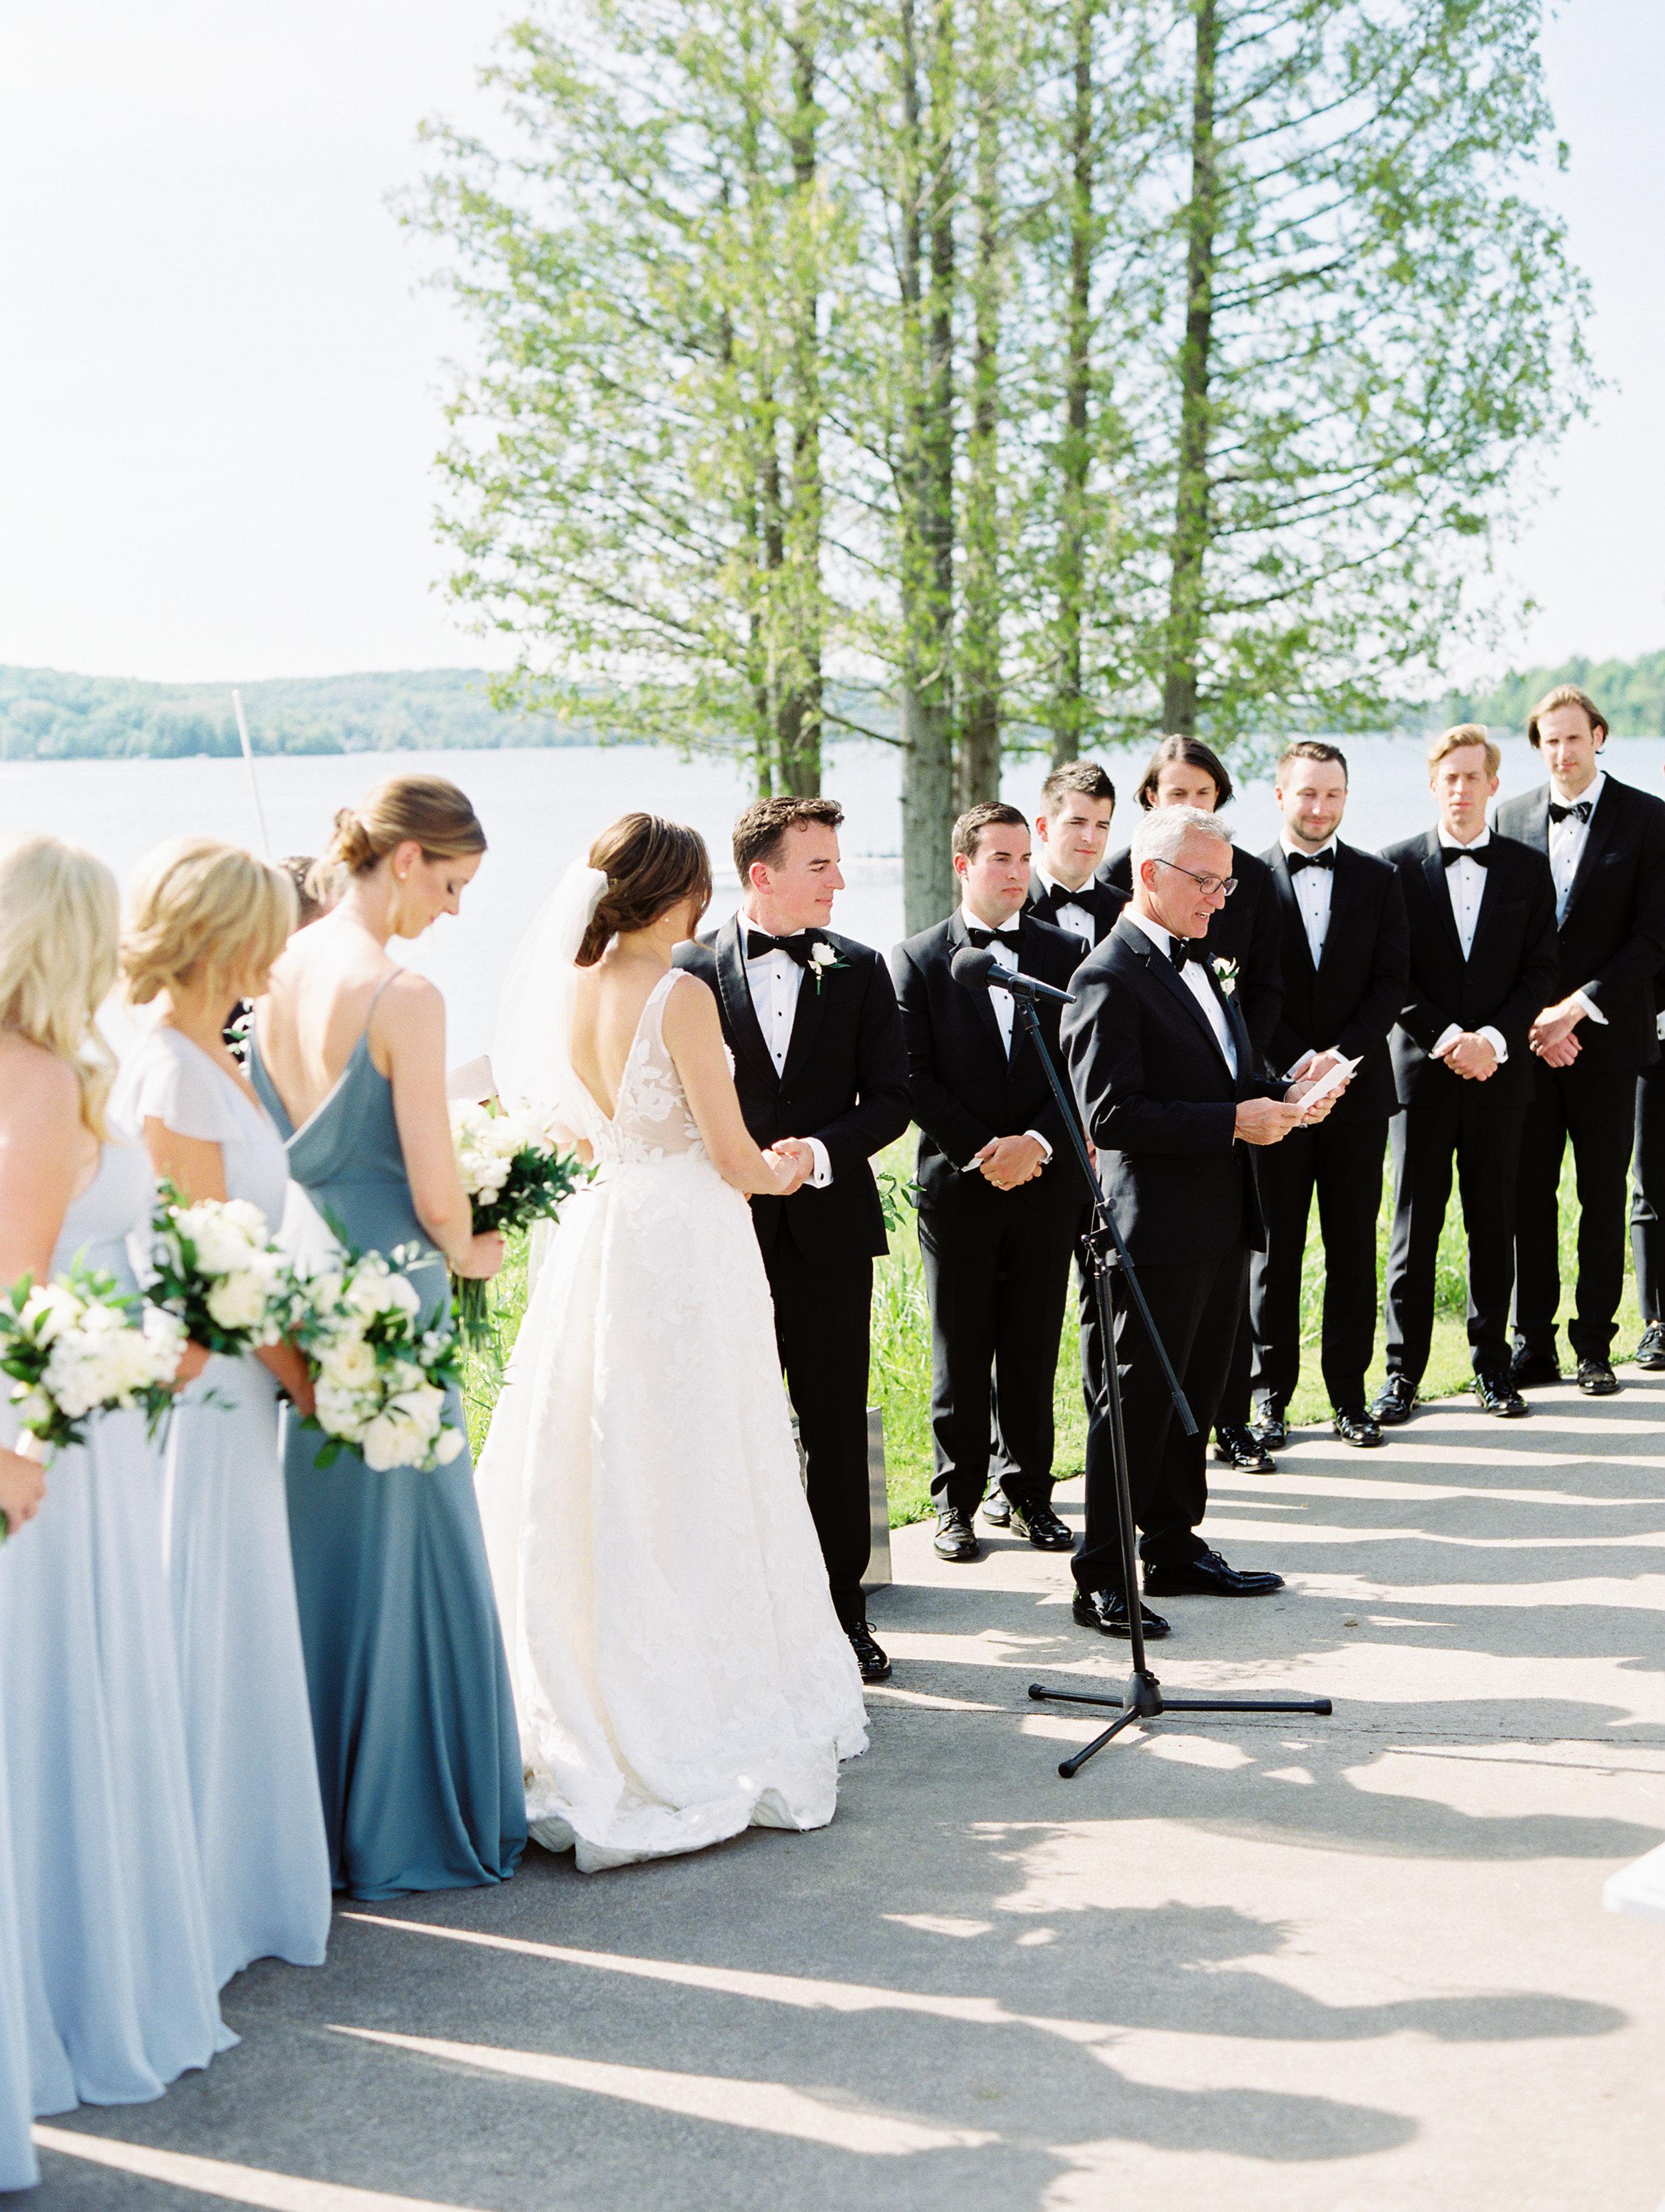 DeGuilio+Wedding+Ceremonyf-7.jpg